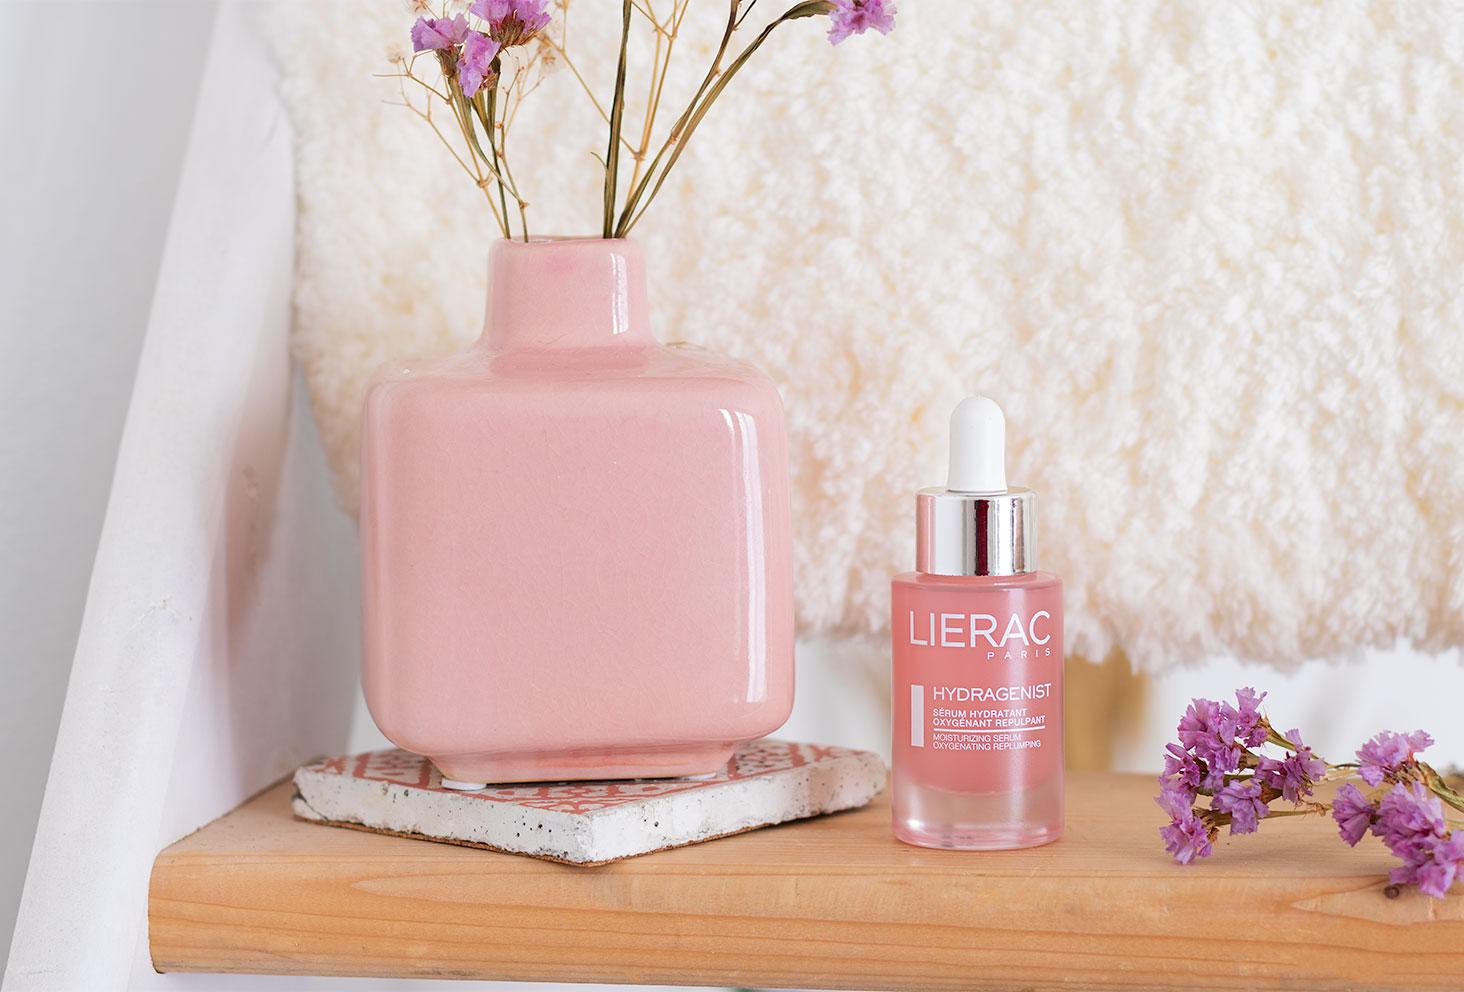 Le sérum Lierac hydratant dans son flacon en verre rose, sur une étagère en bois à côté d'un vase rose et de fleurs séchées violettes